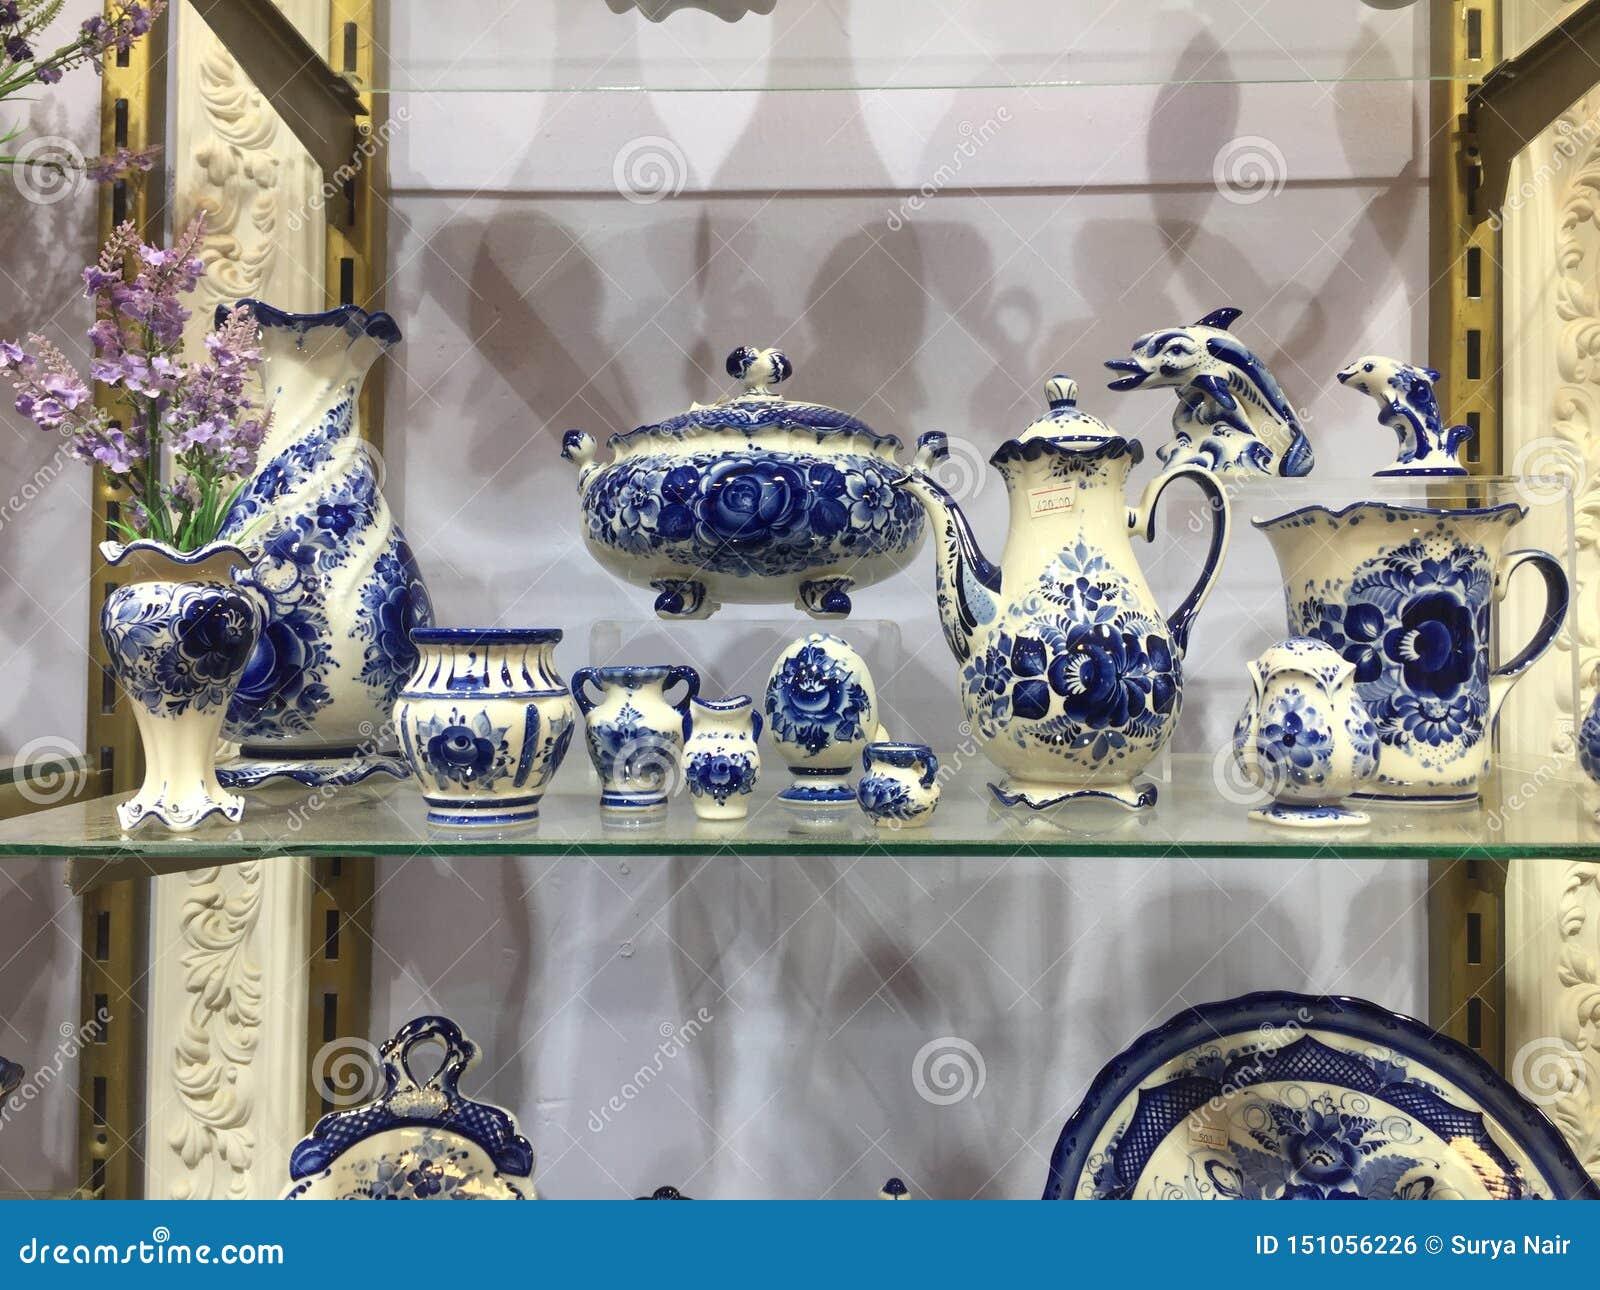 蓝色瓷陶器待售 板材、碗和瓷的选择待售在商店 蓝色瓷器物与